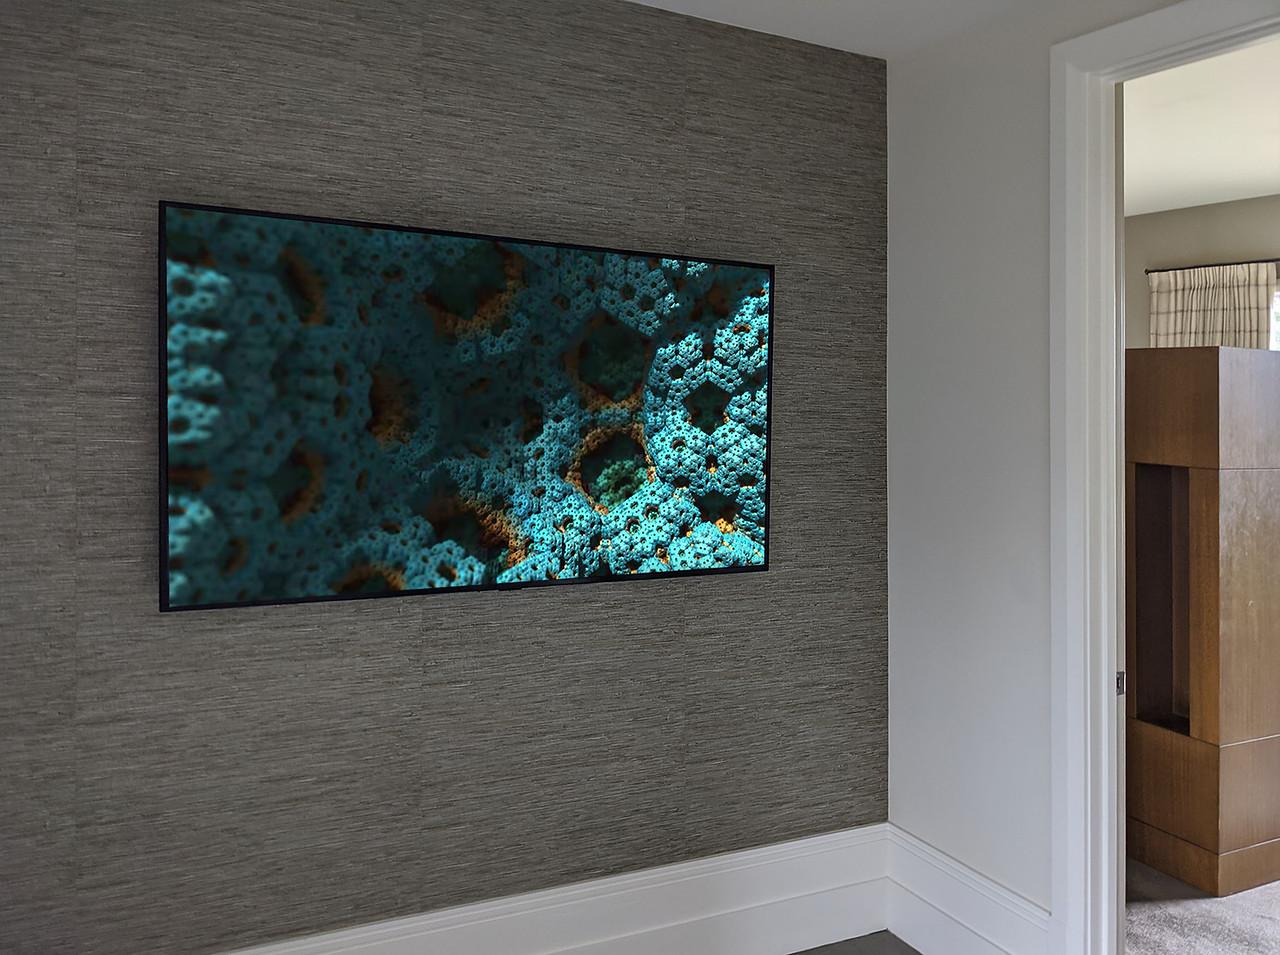 Machine Elf 16 - Creator of Worlds | Trey Ratcliff & Sam Wave - installation